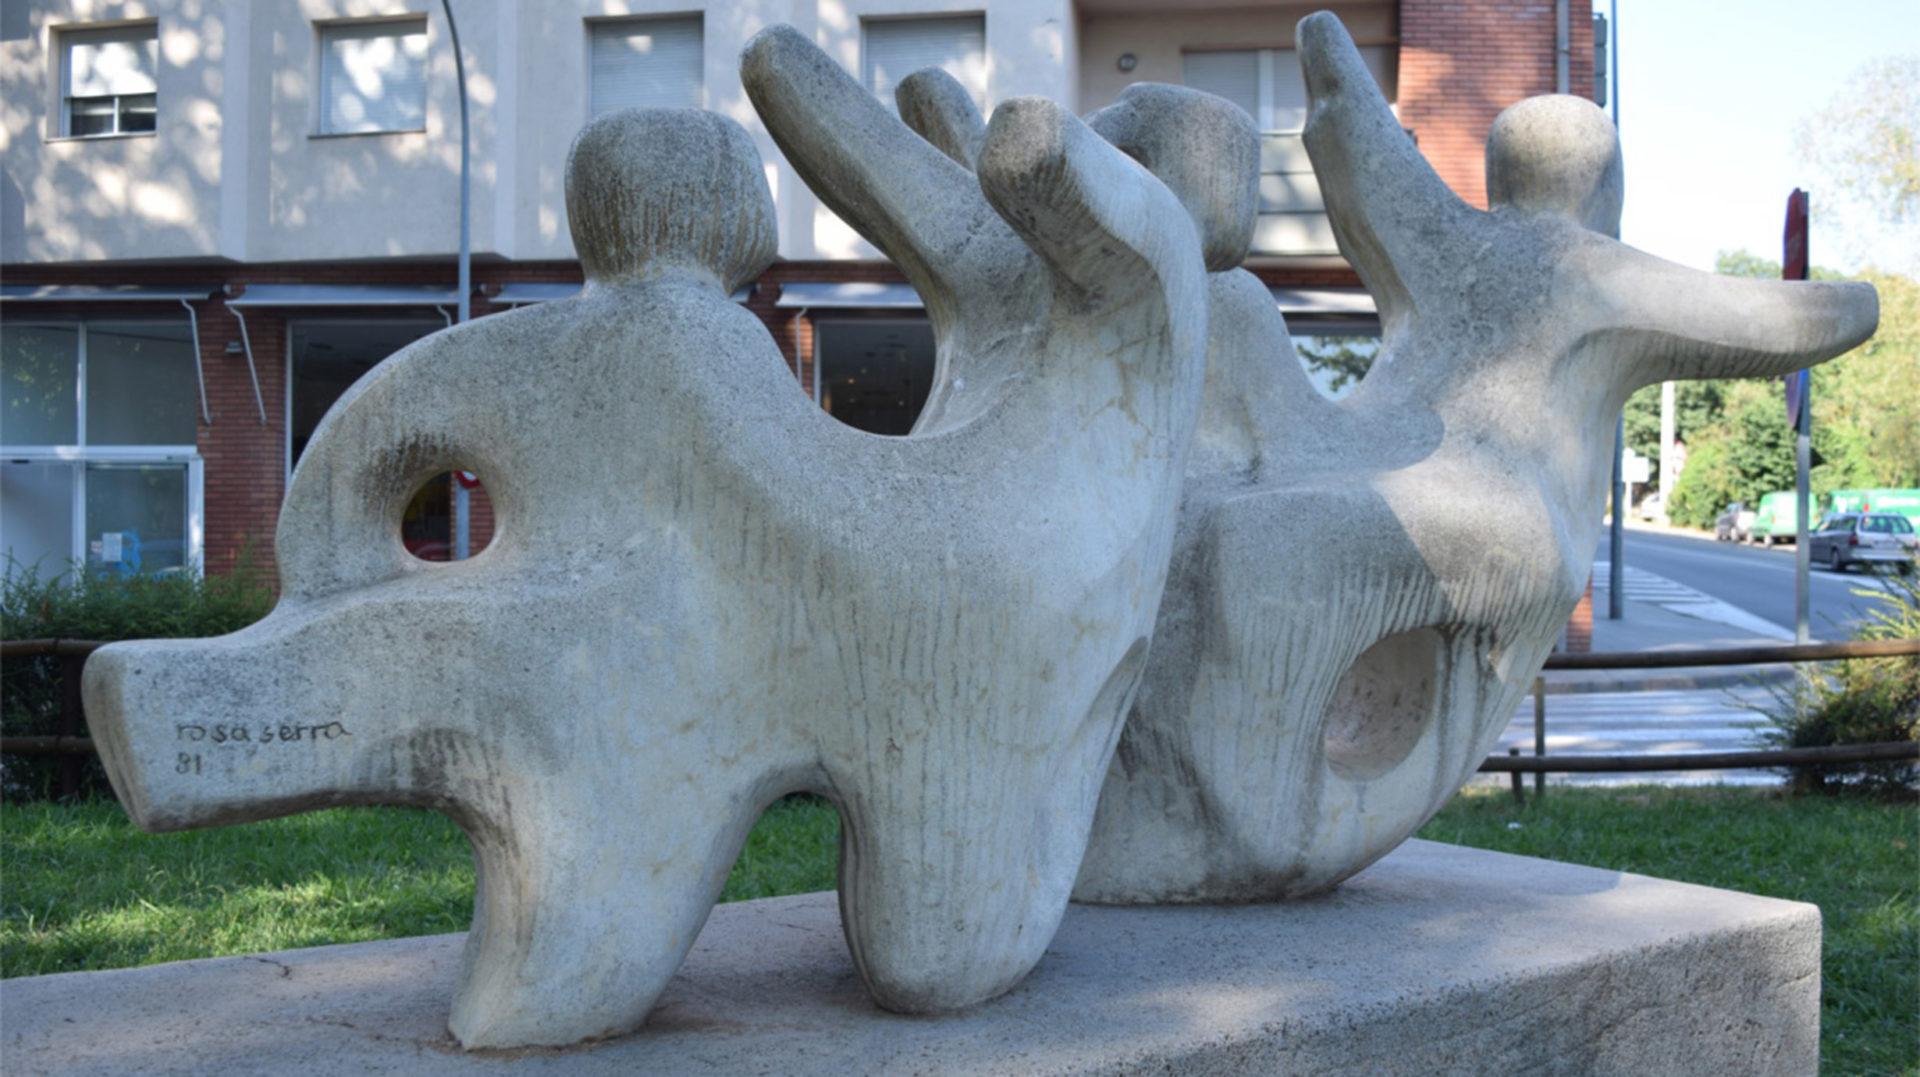 Ruta de les escultures, amb les parelles lingüístiques